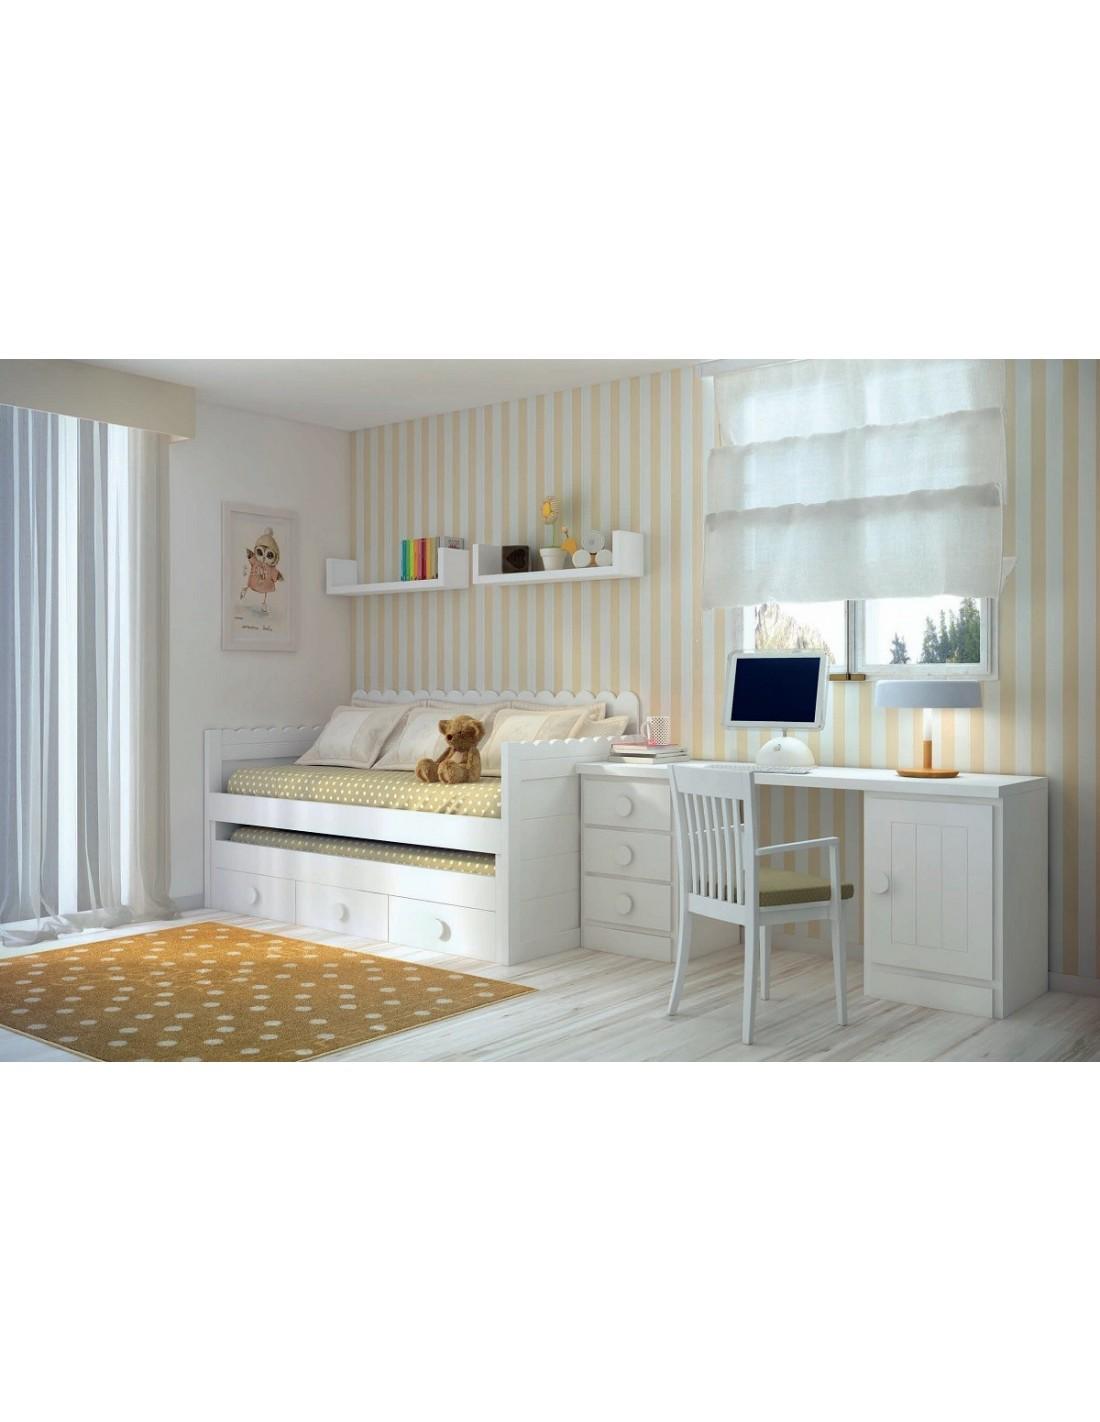 Comprar dormitorio juvenil tienda muebles online madrid for Muebles online madrid